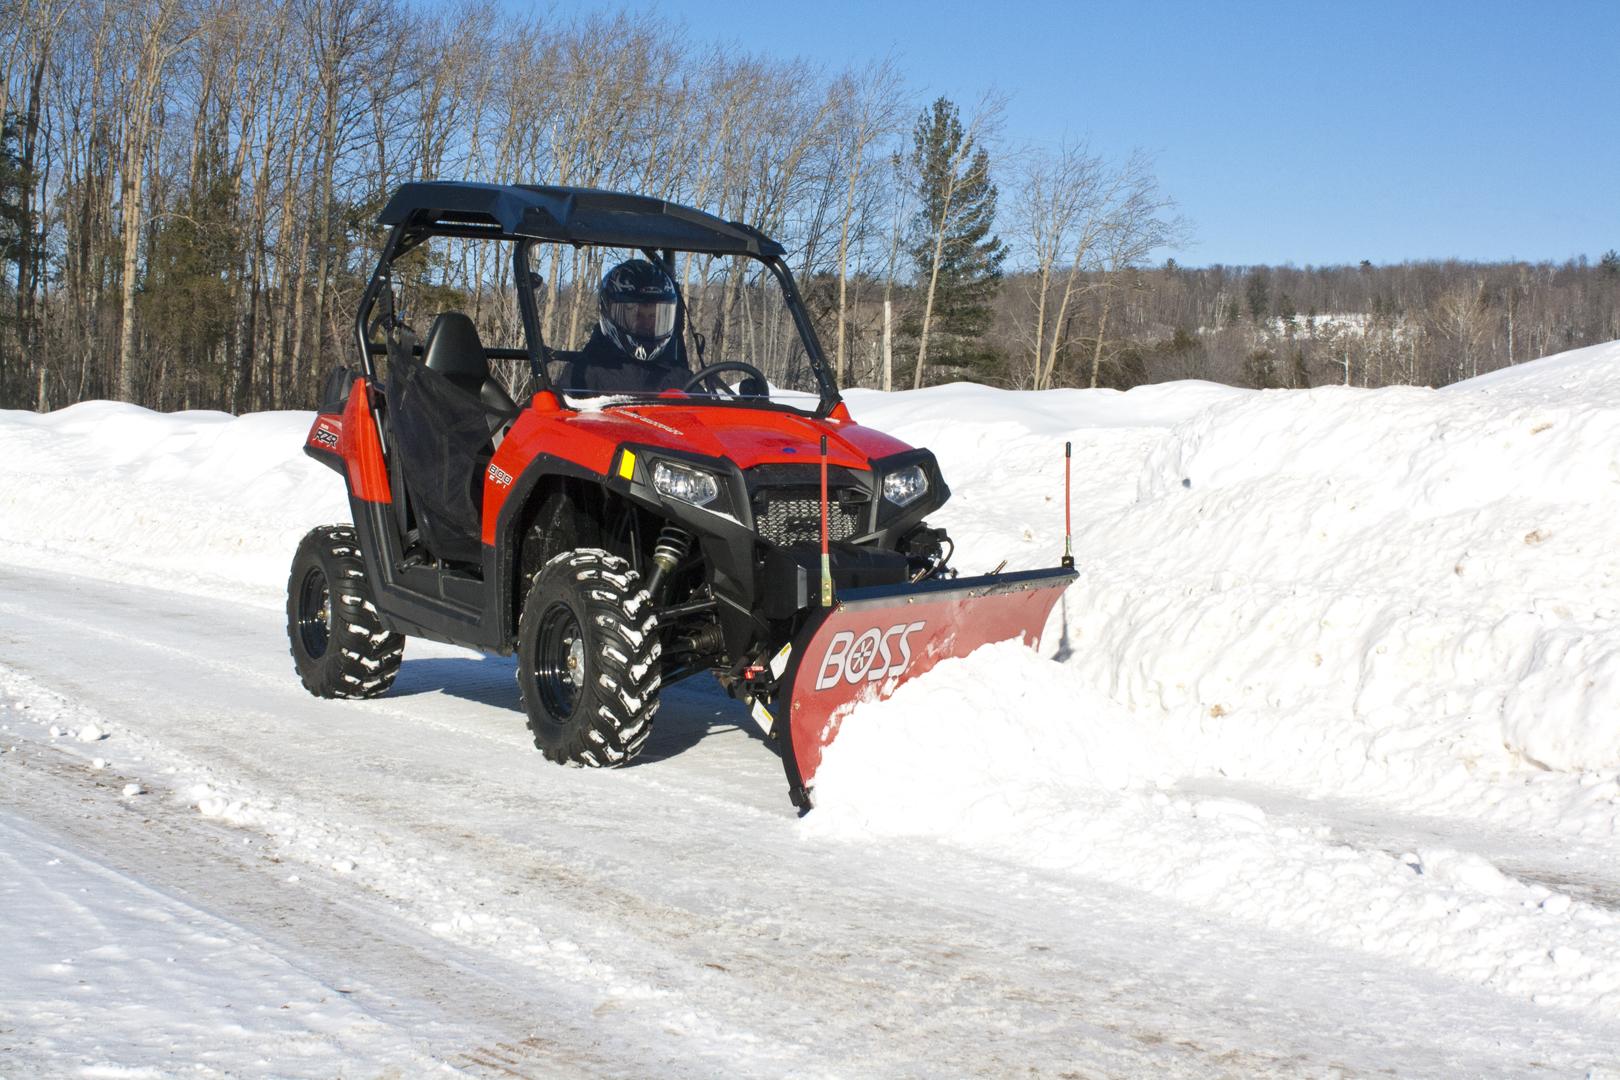 hight resolution of boss utv snowplow